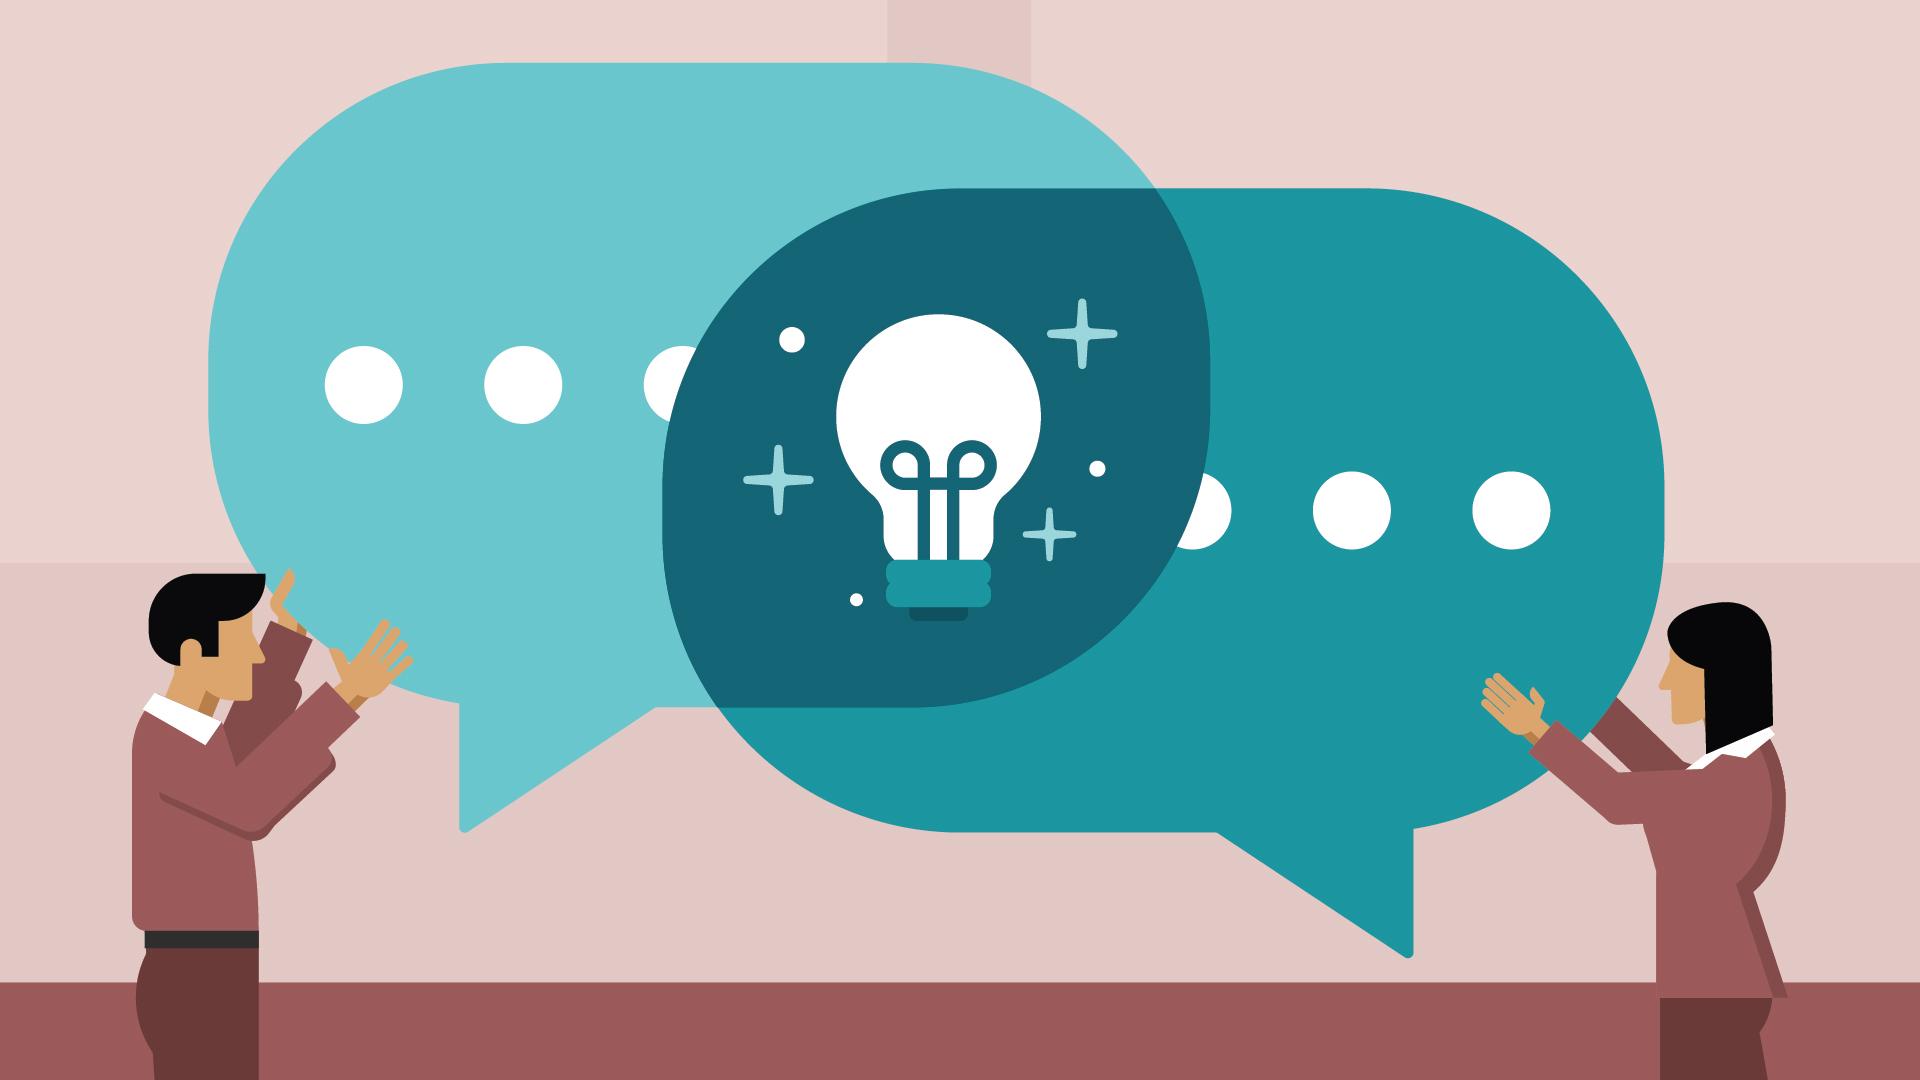 Kỹ năng giao tiếp ứng thông minh